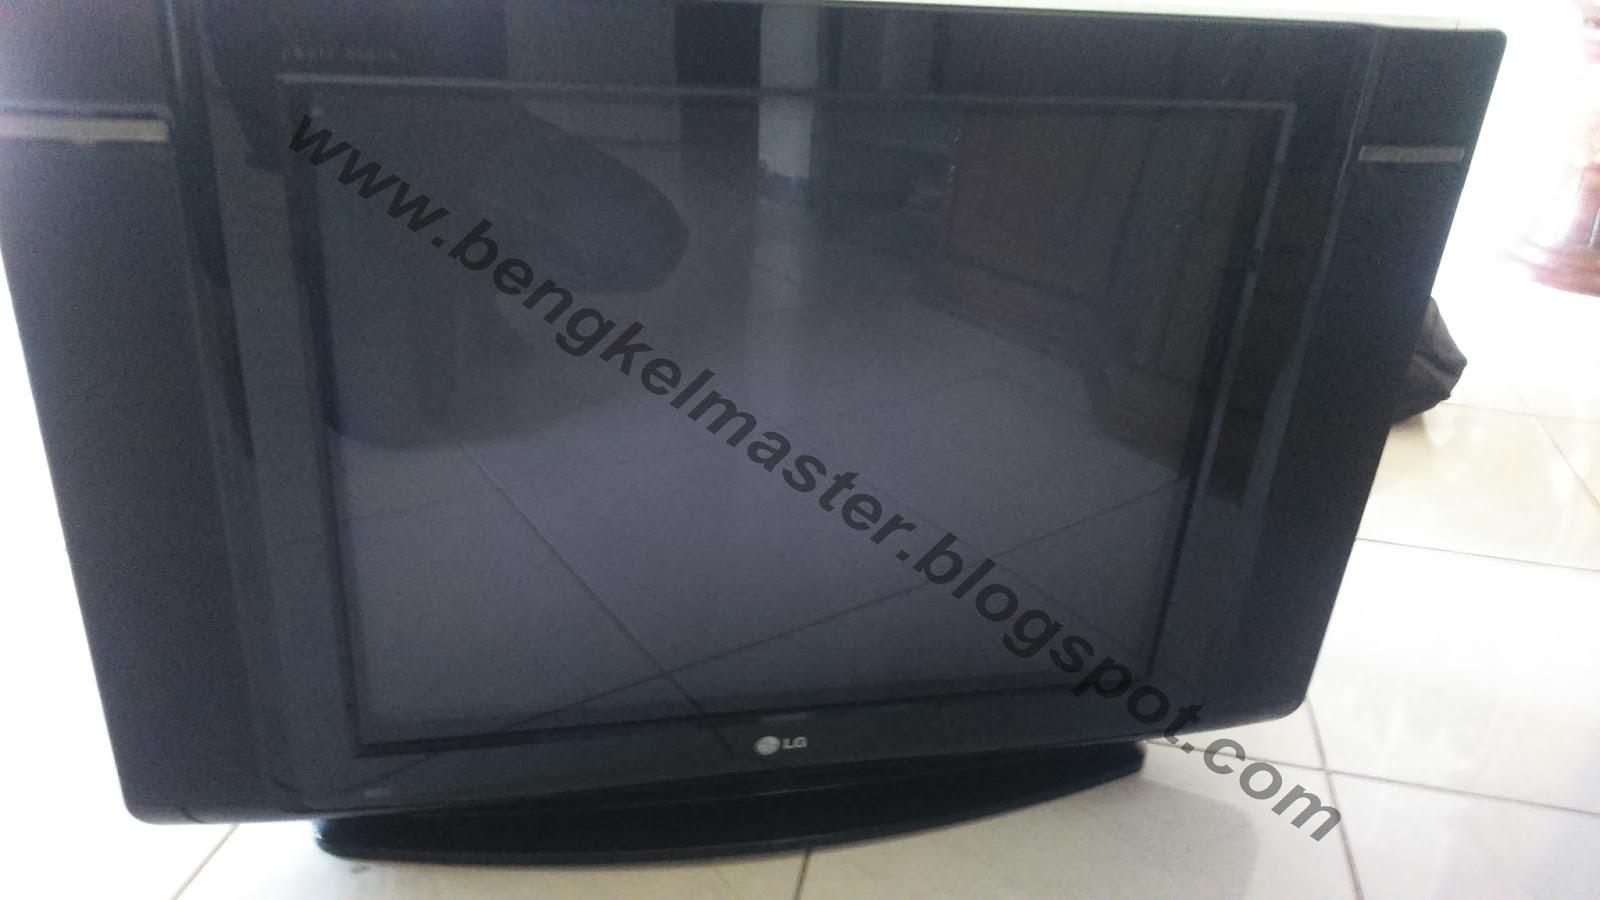 Aydi 702 Diagram Tv Lg 29fu3rl Diagram Base Website Lg 29fu3rl Turbodiagram Madbari It